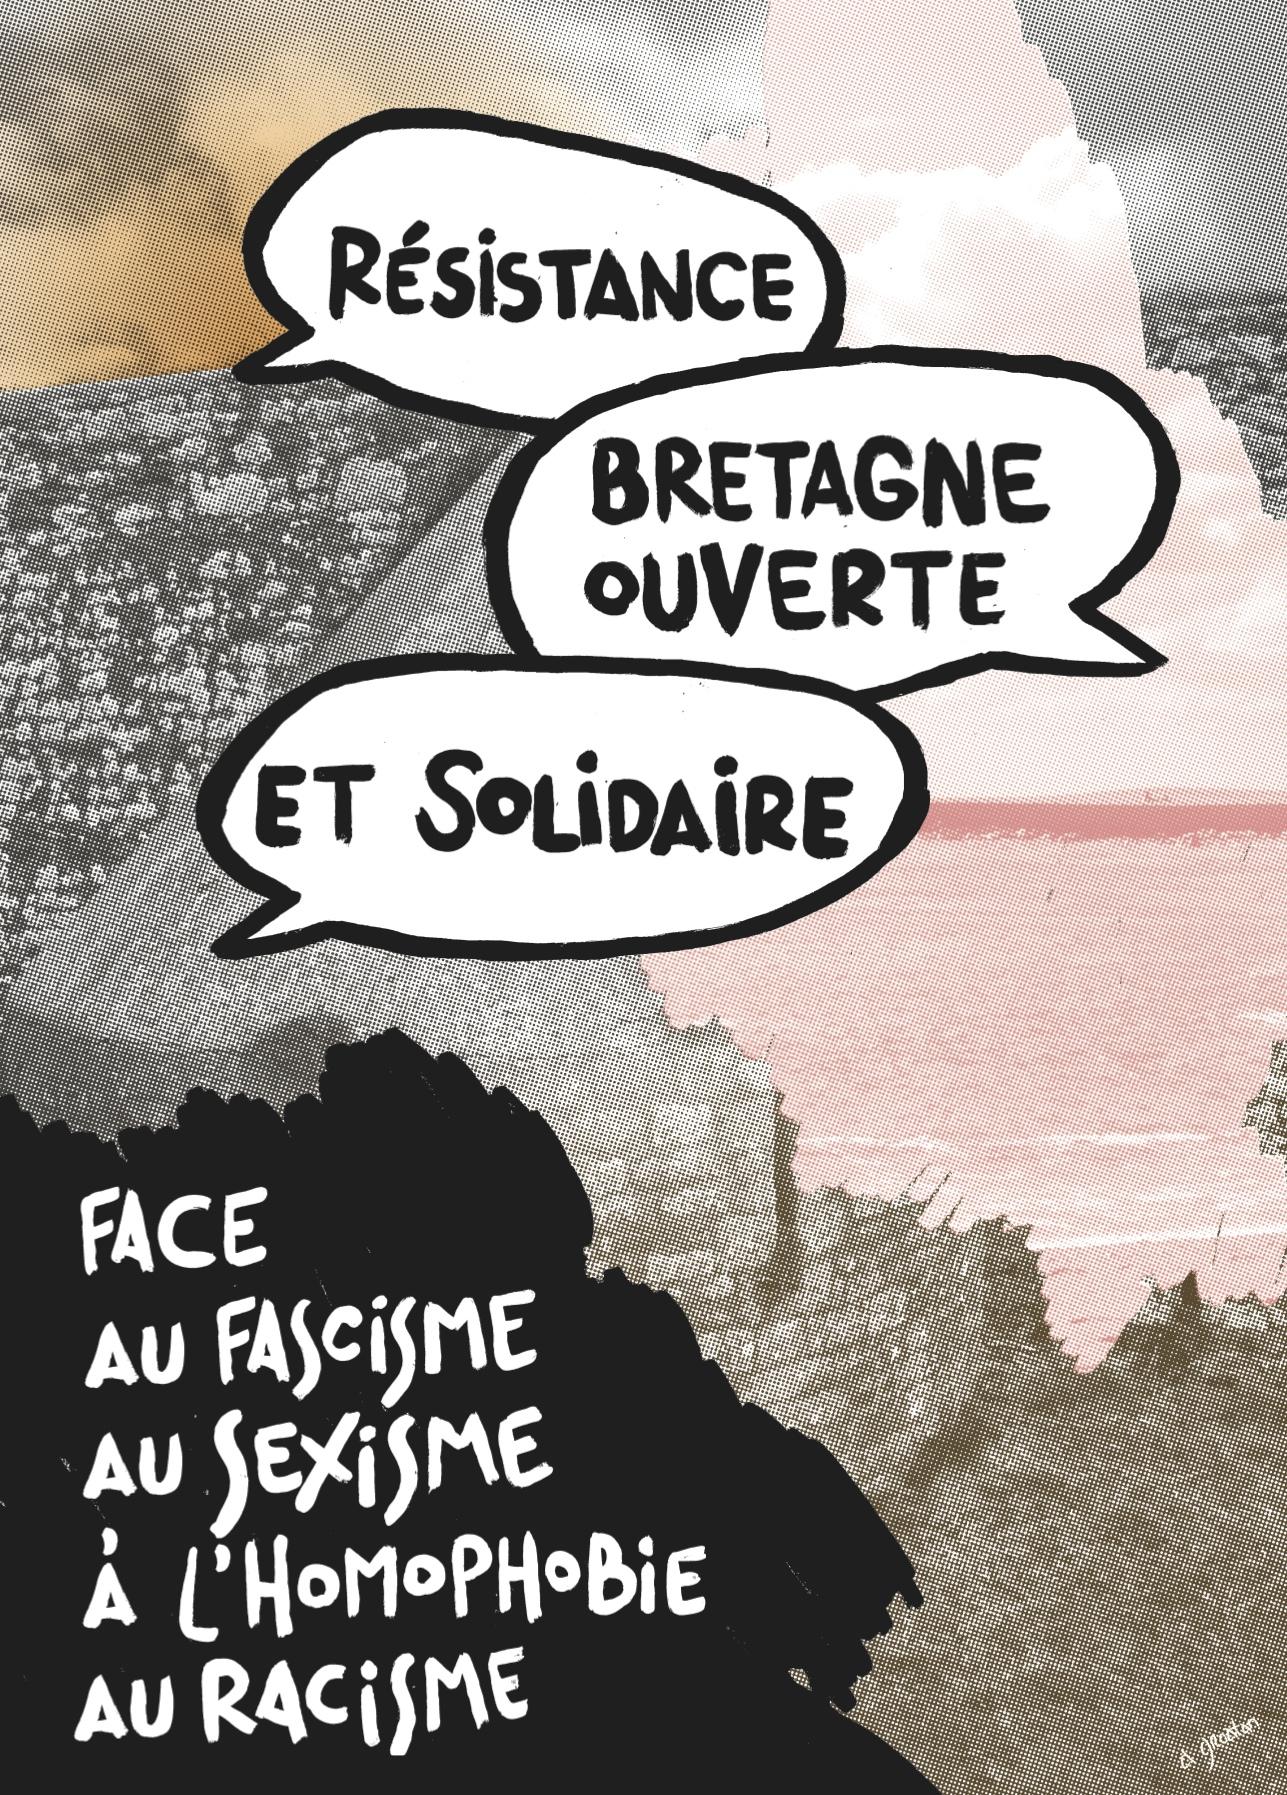 Resistance_Bretagne_Ouverte_Solidaire_WEB